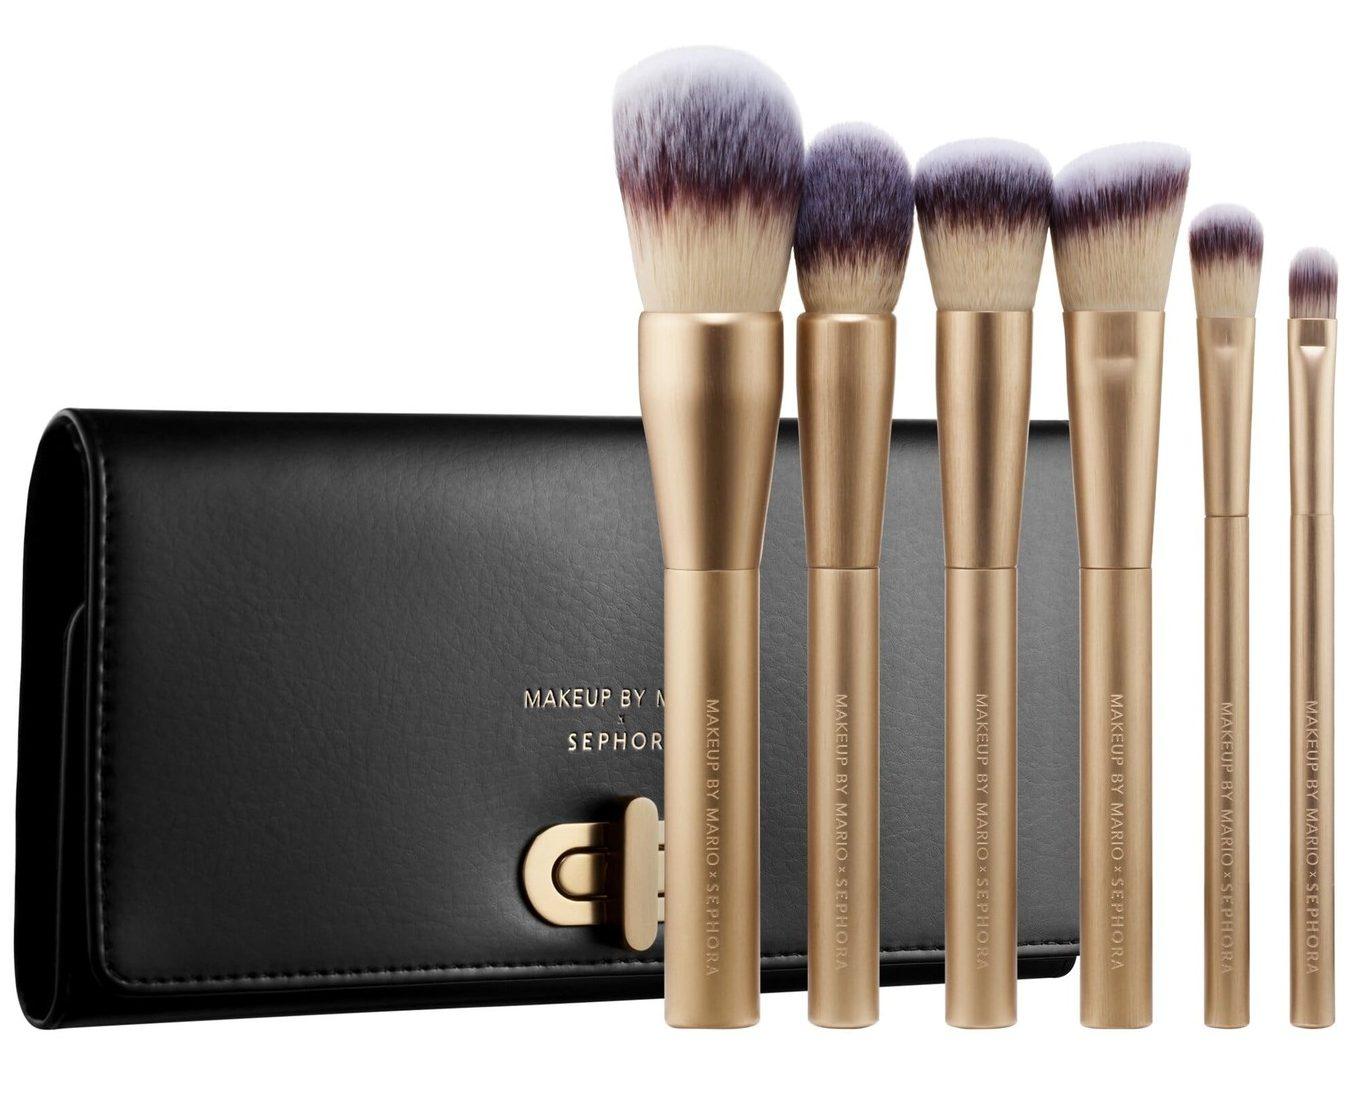 Makeup by Mario x Sephora la colección de brochas para Sephora del maquillador de Kim Kardashian